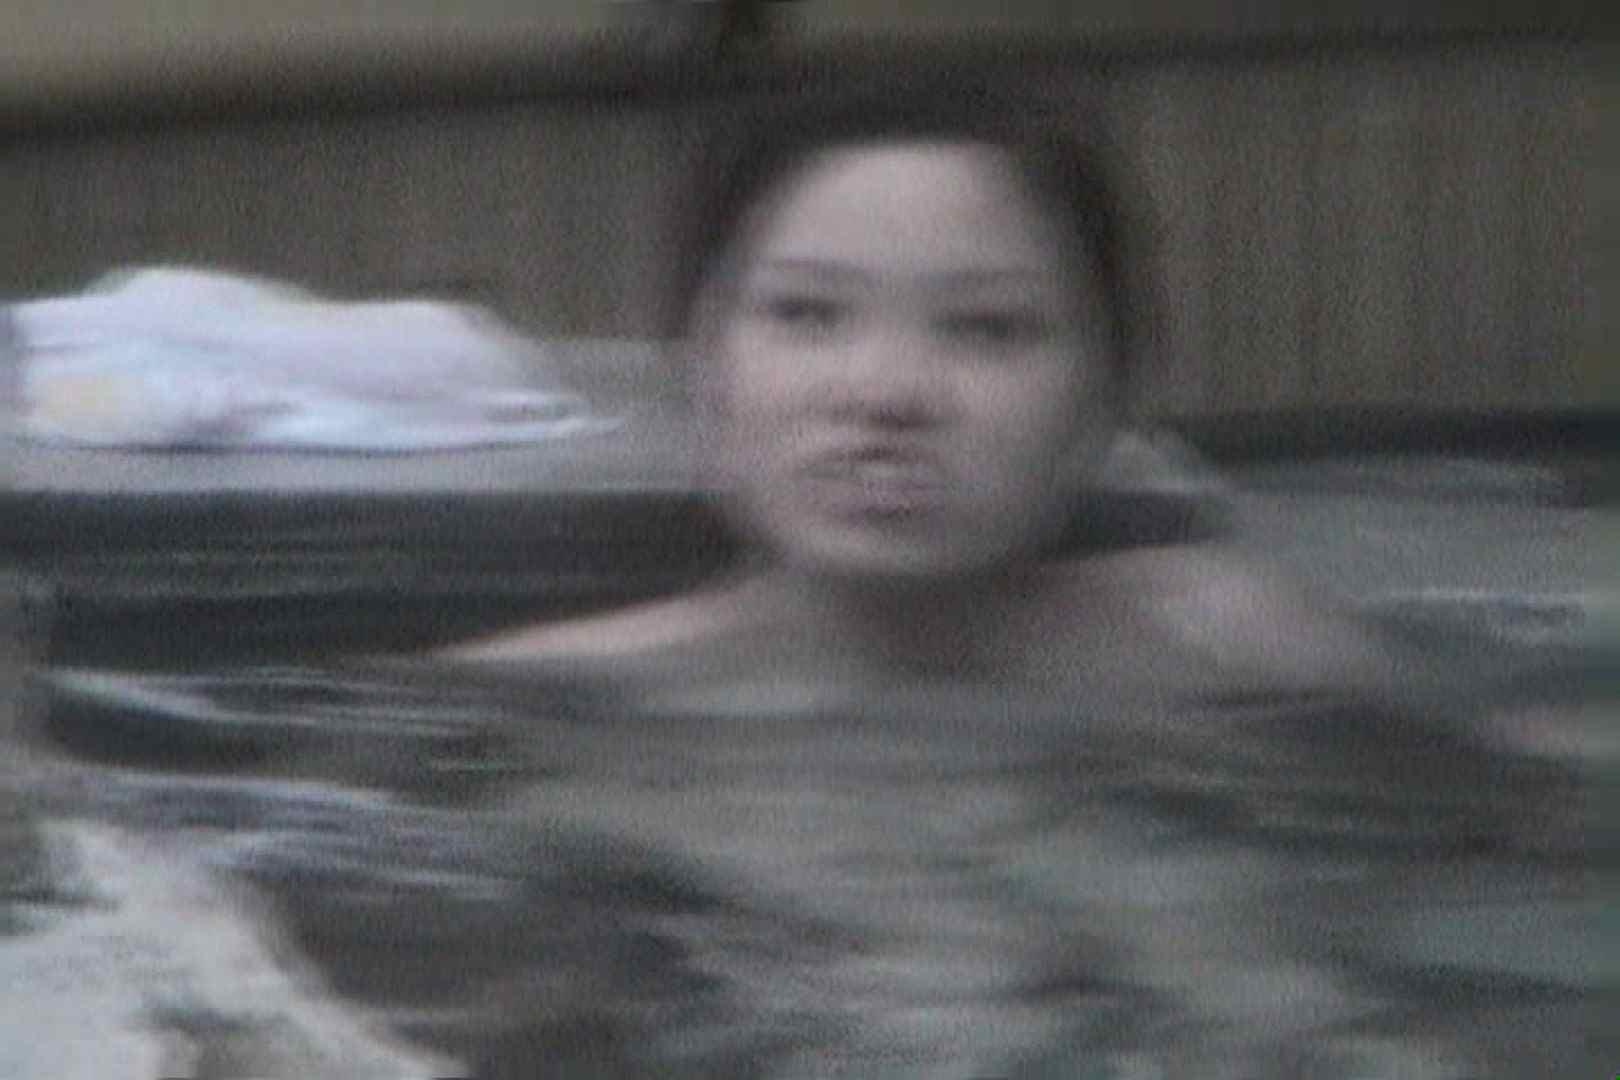 Aquaな露天風呂Vol.602 0  110pic 68